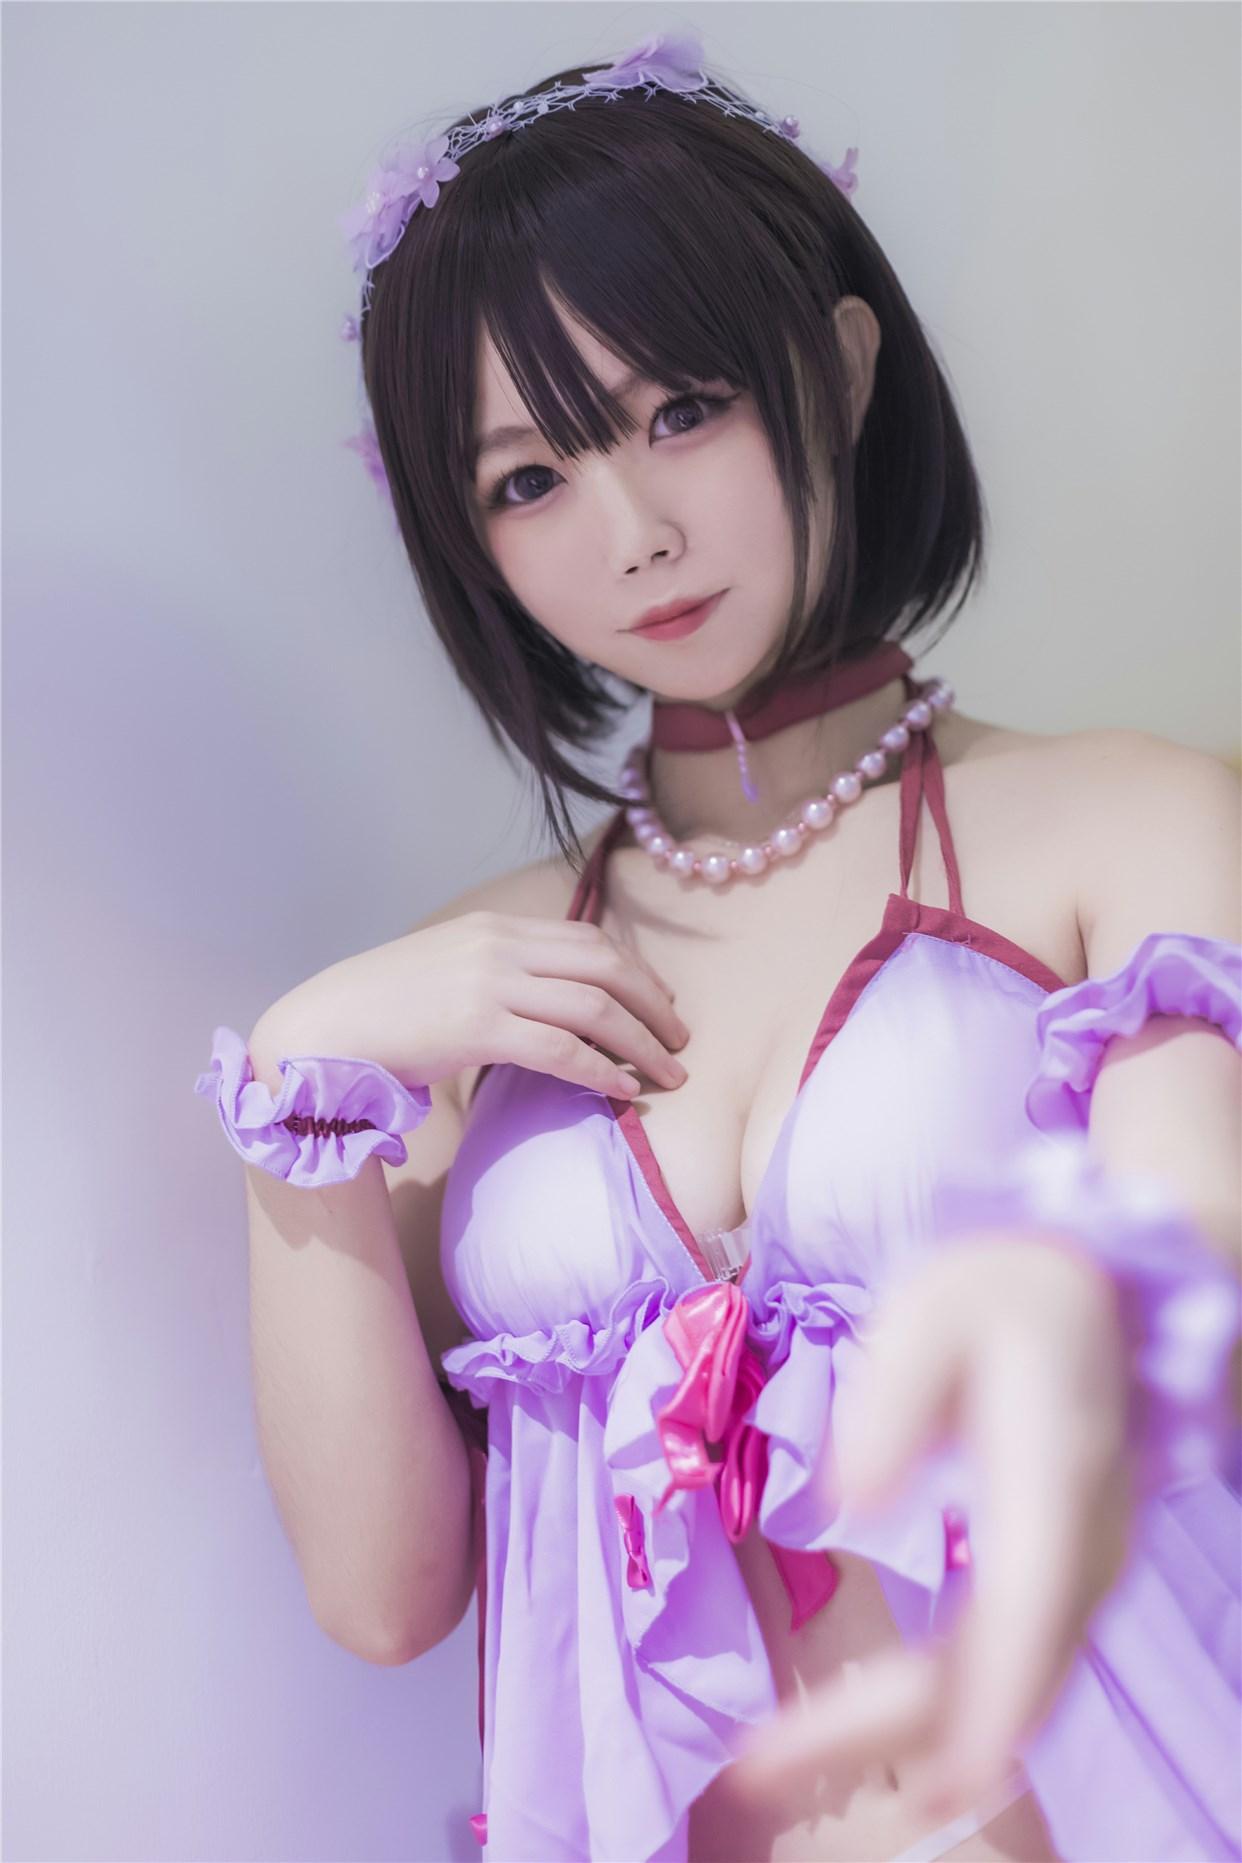 【兔玩映画】加藤惠的睡衣 兔玩映画 第7张